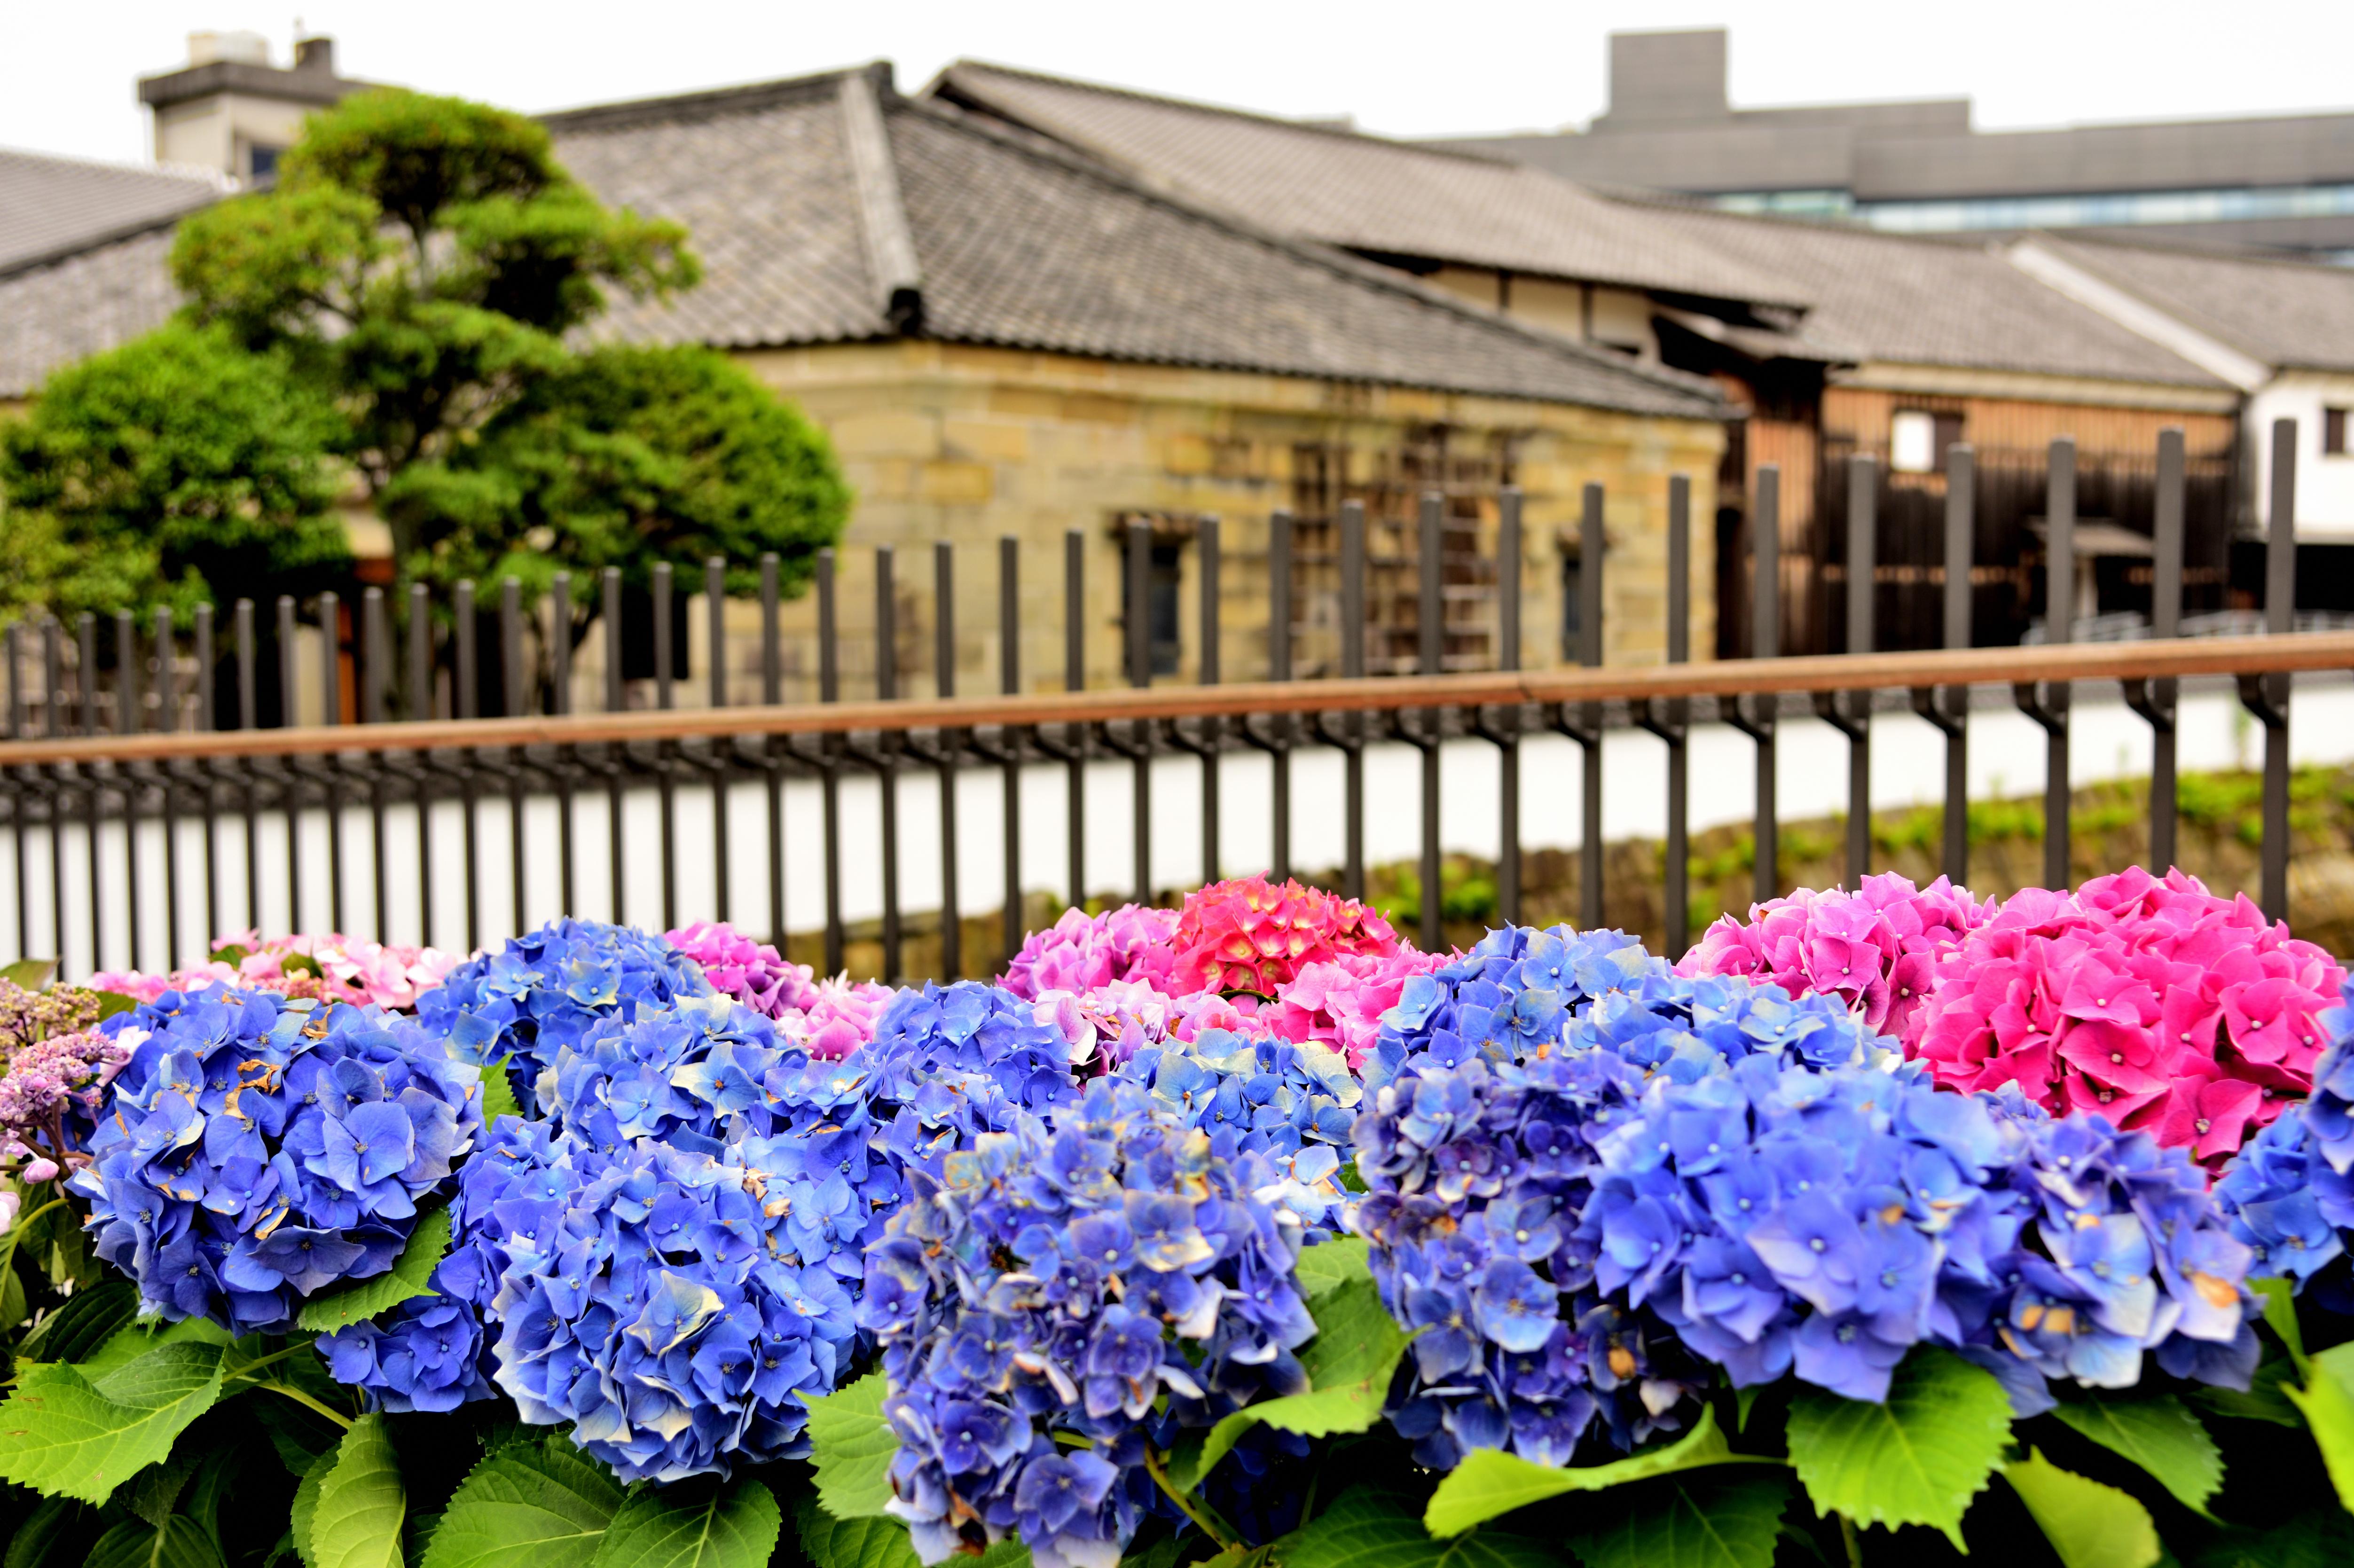 Dejima town with Hydrangea